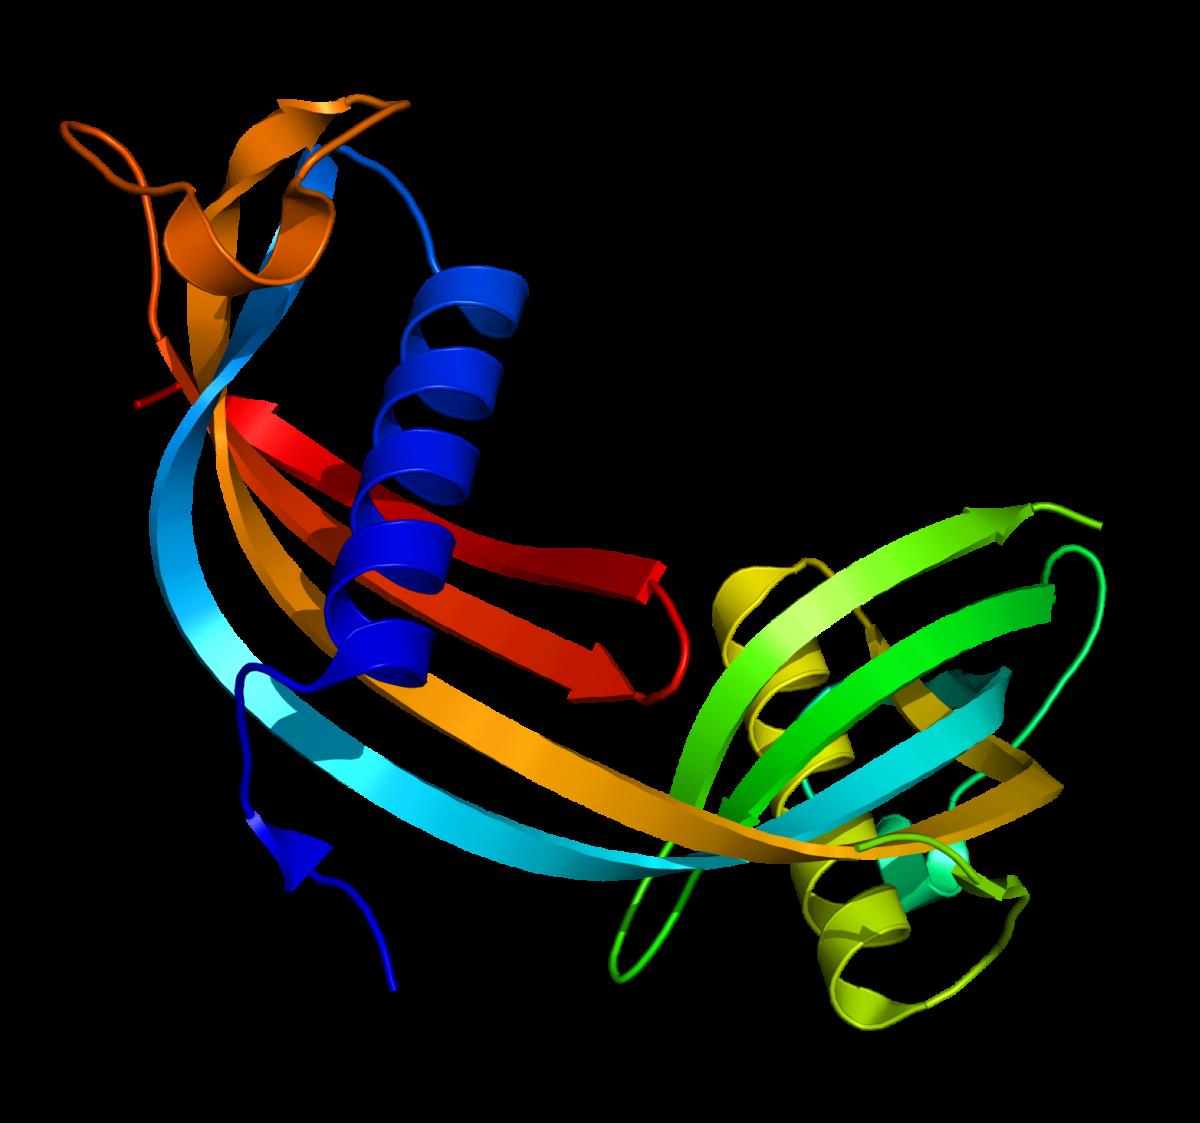 Kystatiini C